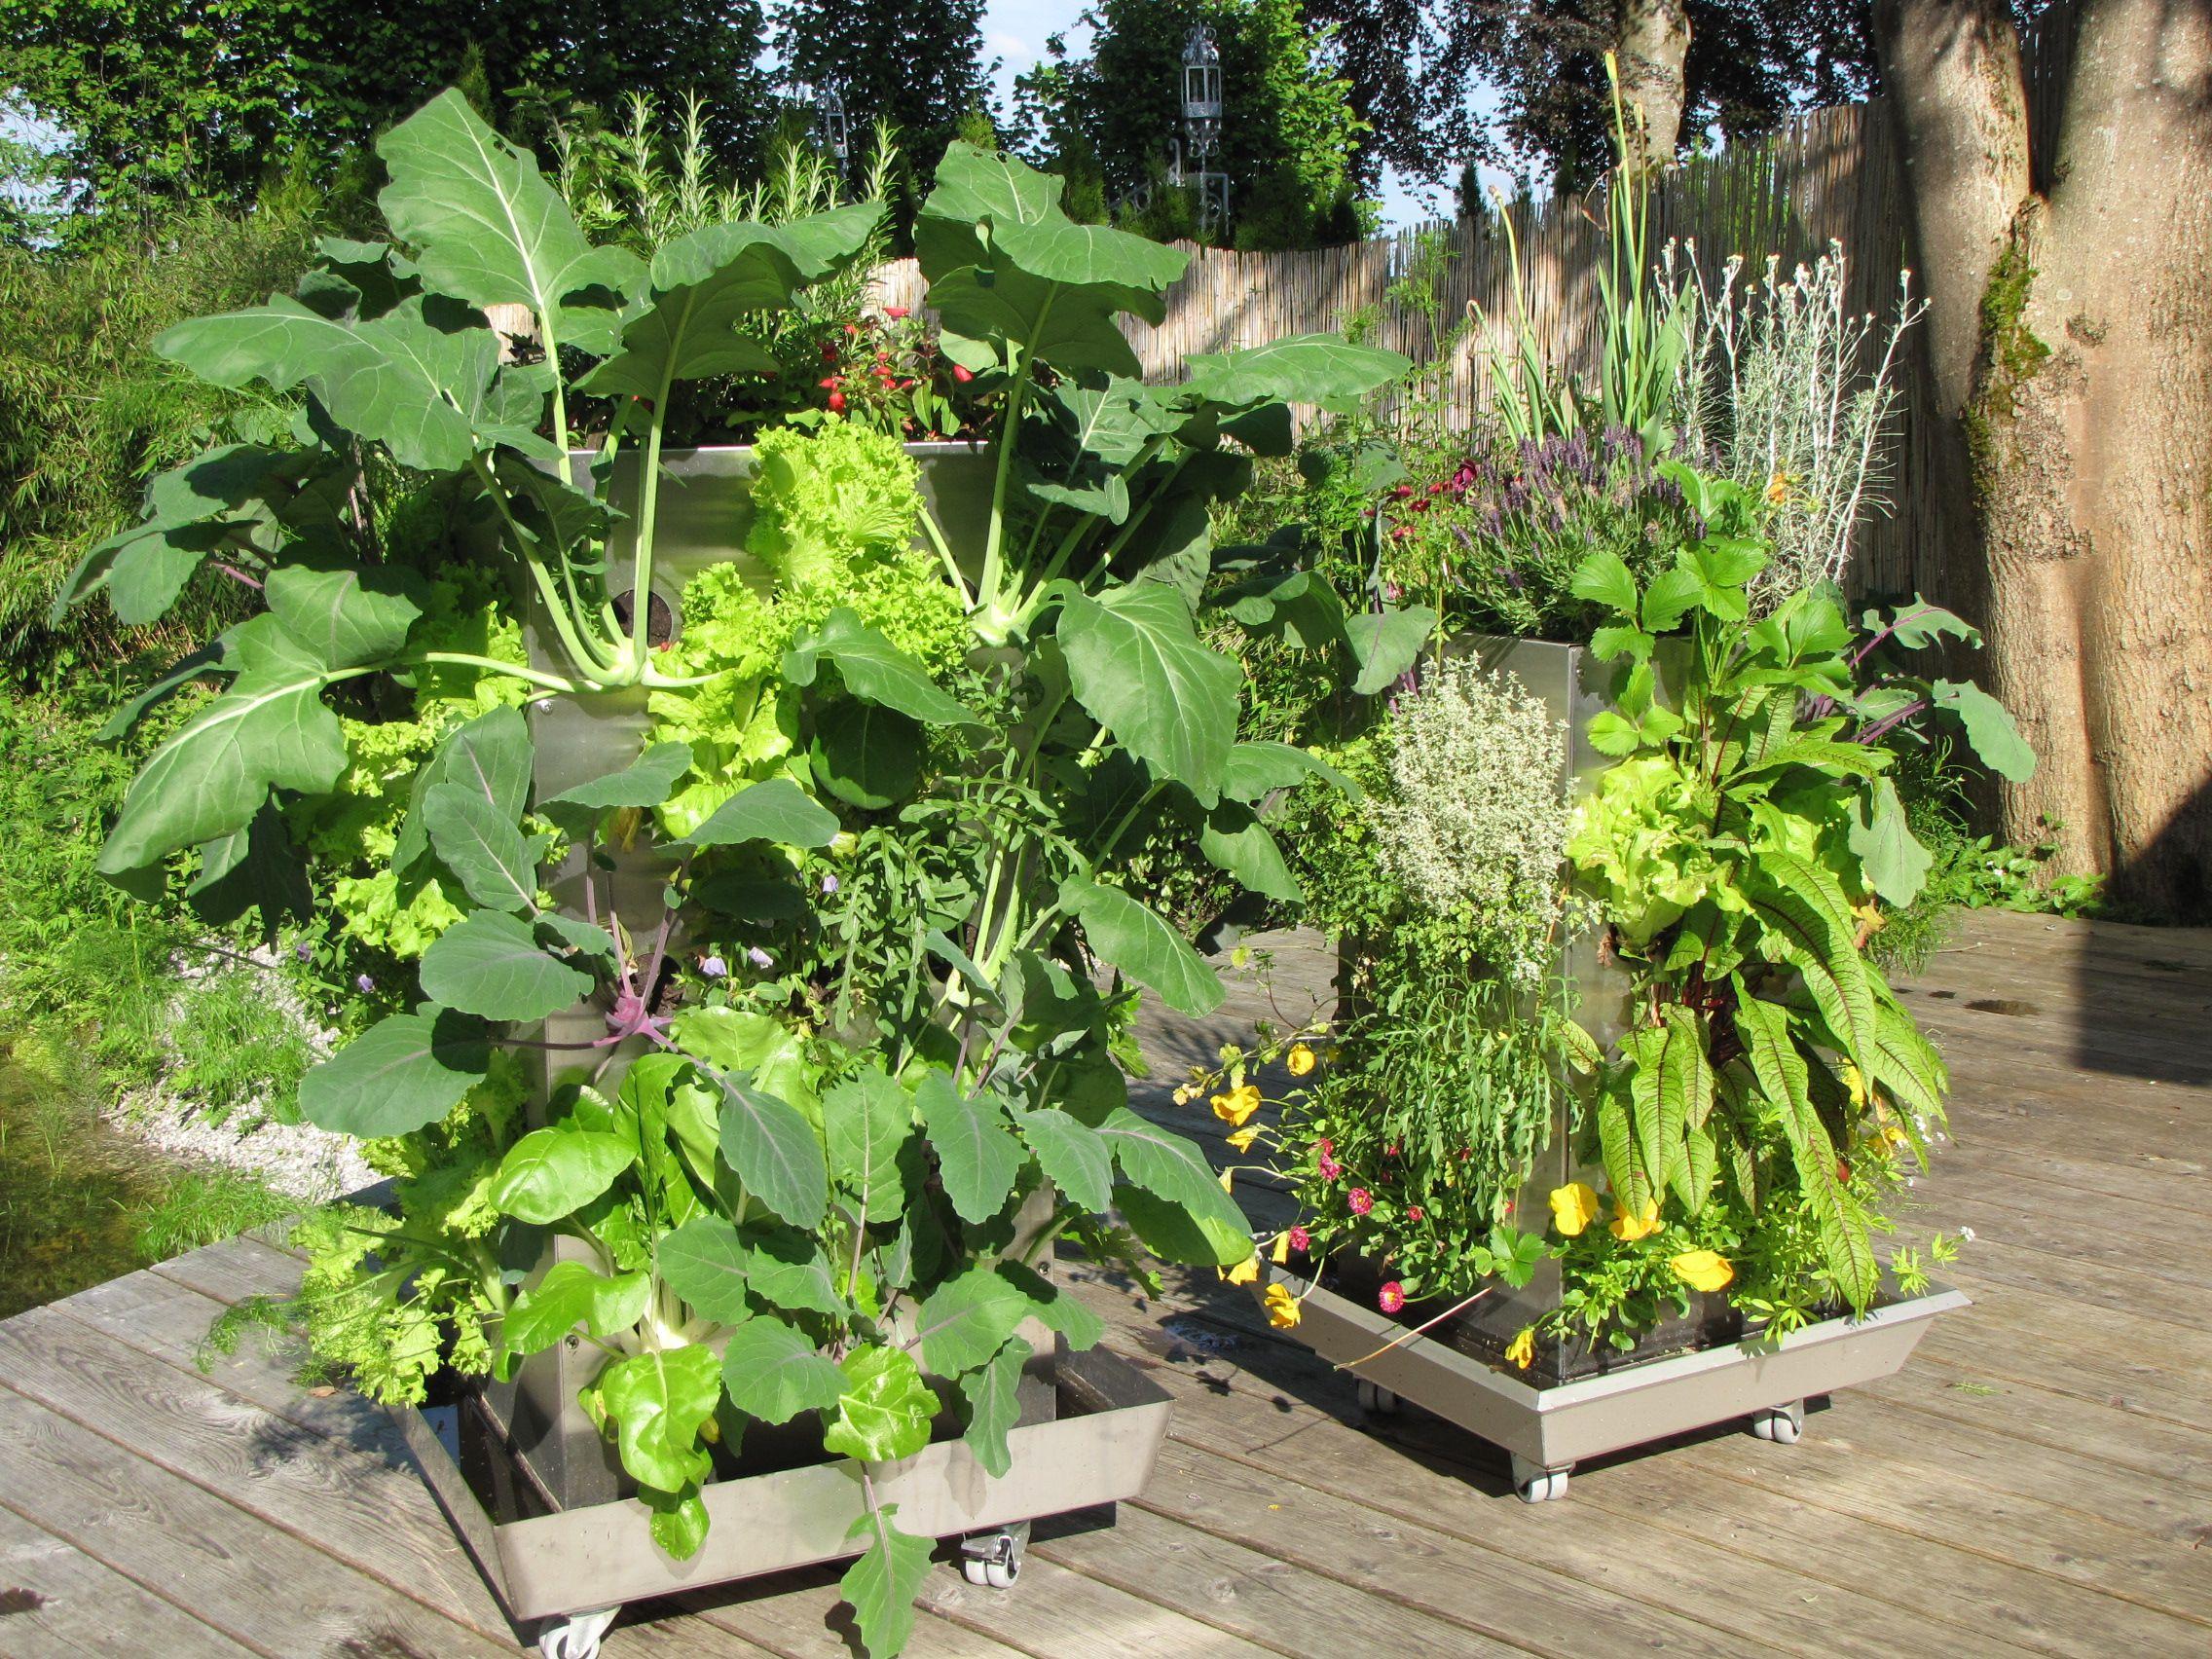 kubi maxi und kubi mini auf der terrasse kubi hochbeet vertical gardening kompost. Black Bedroom Furniture Sets. Home Design Ideas